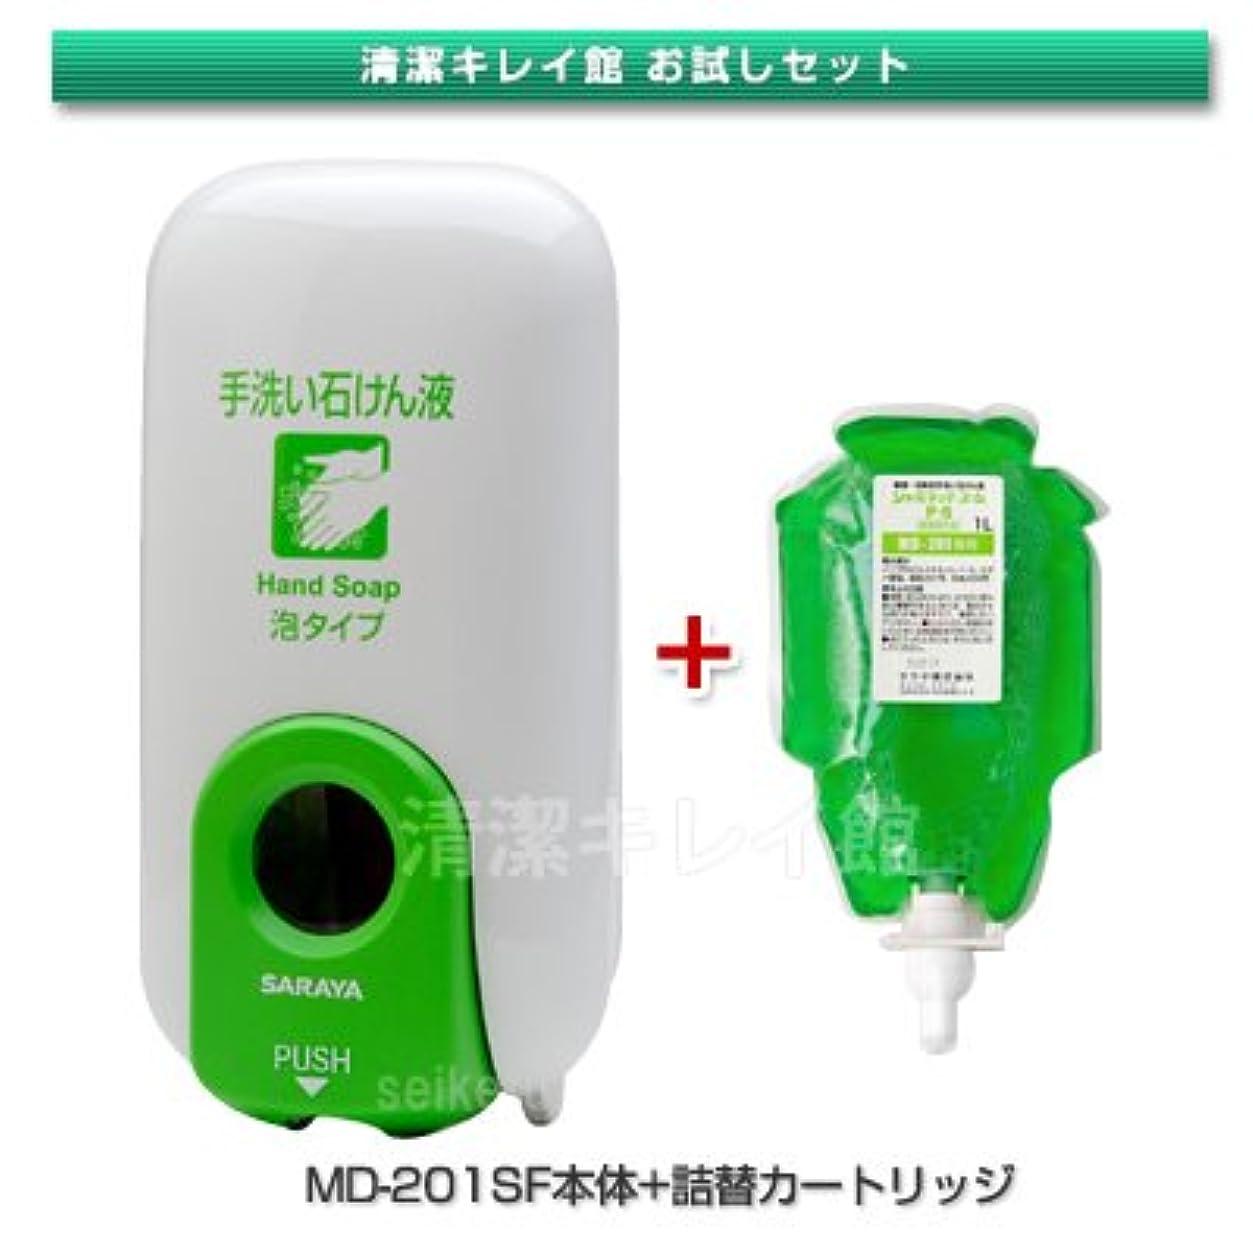 またはどちらかバッジ帝国サラヤ プッシュ式石鹸液 MD-201SF(泡)【清潔キレイ館お試しセット】(本体とカートリッジ/ユムP-5)